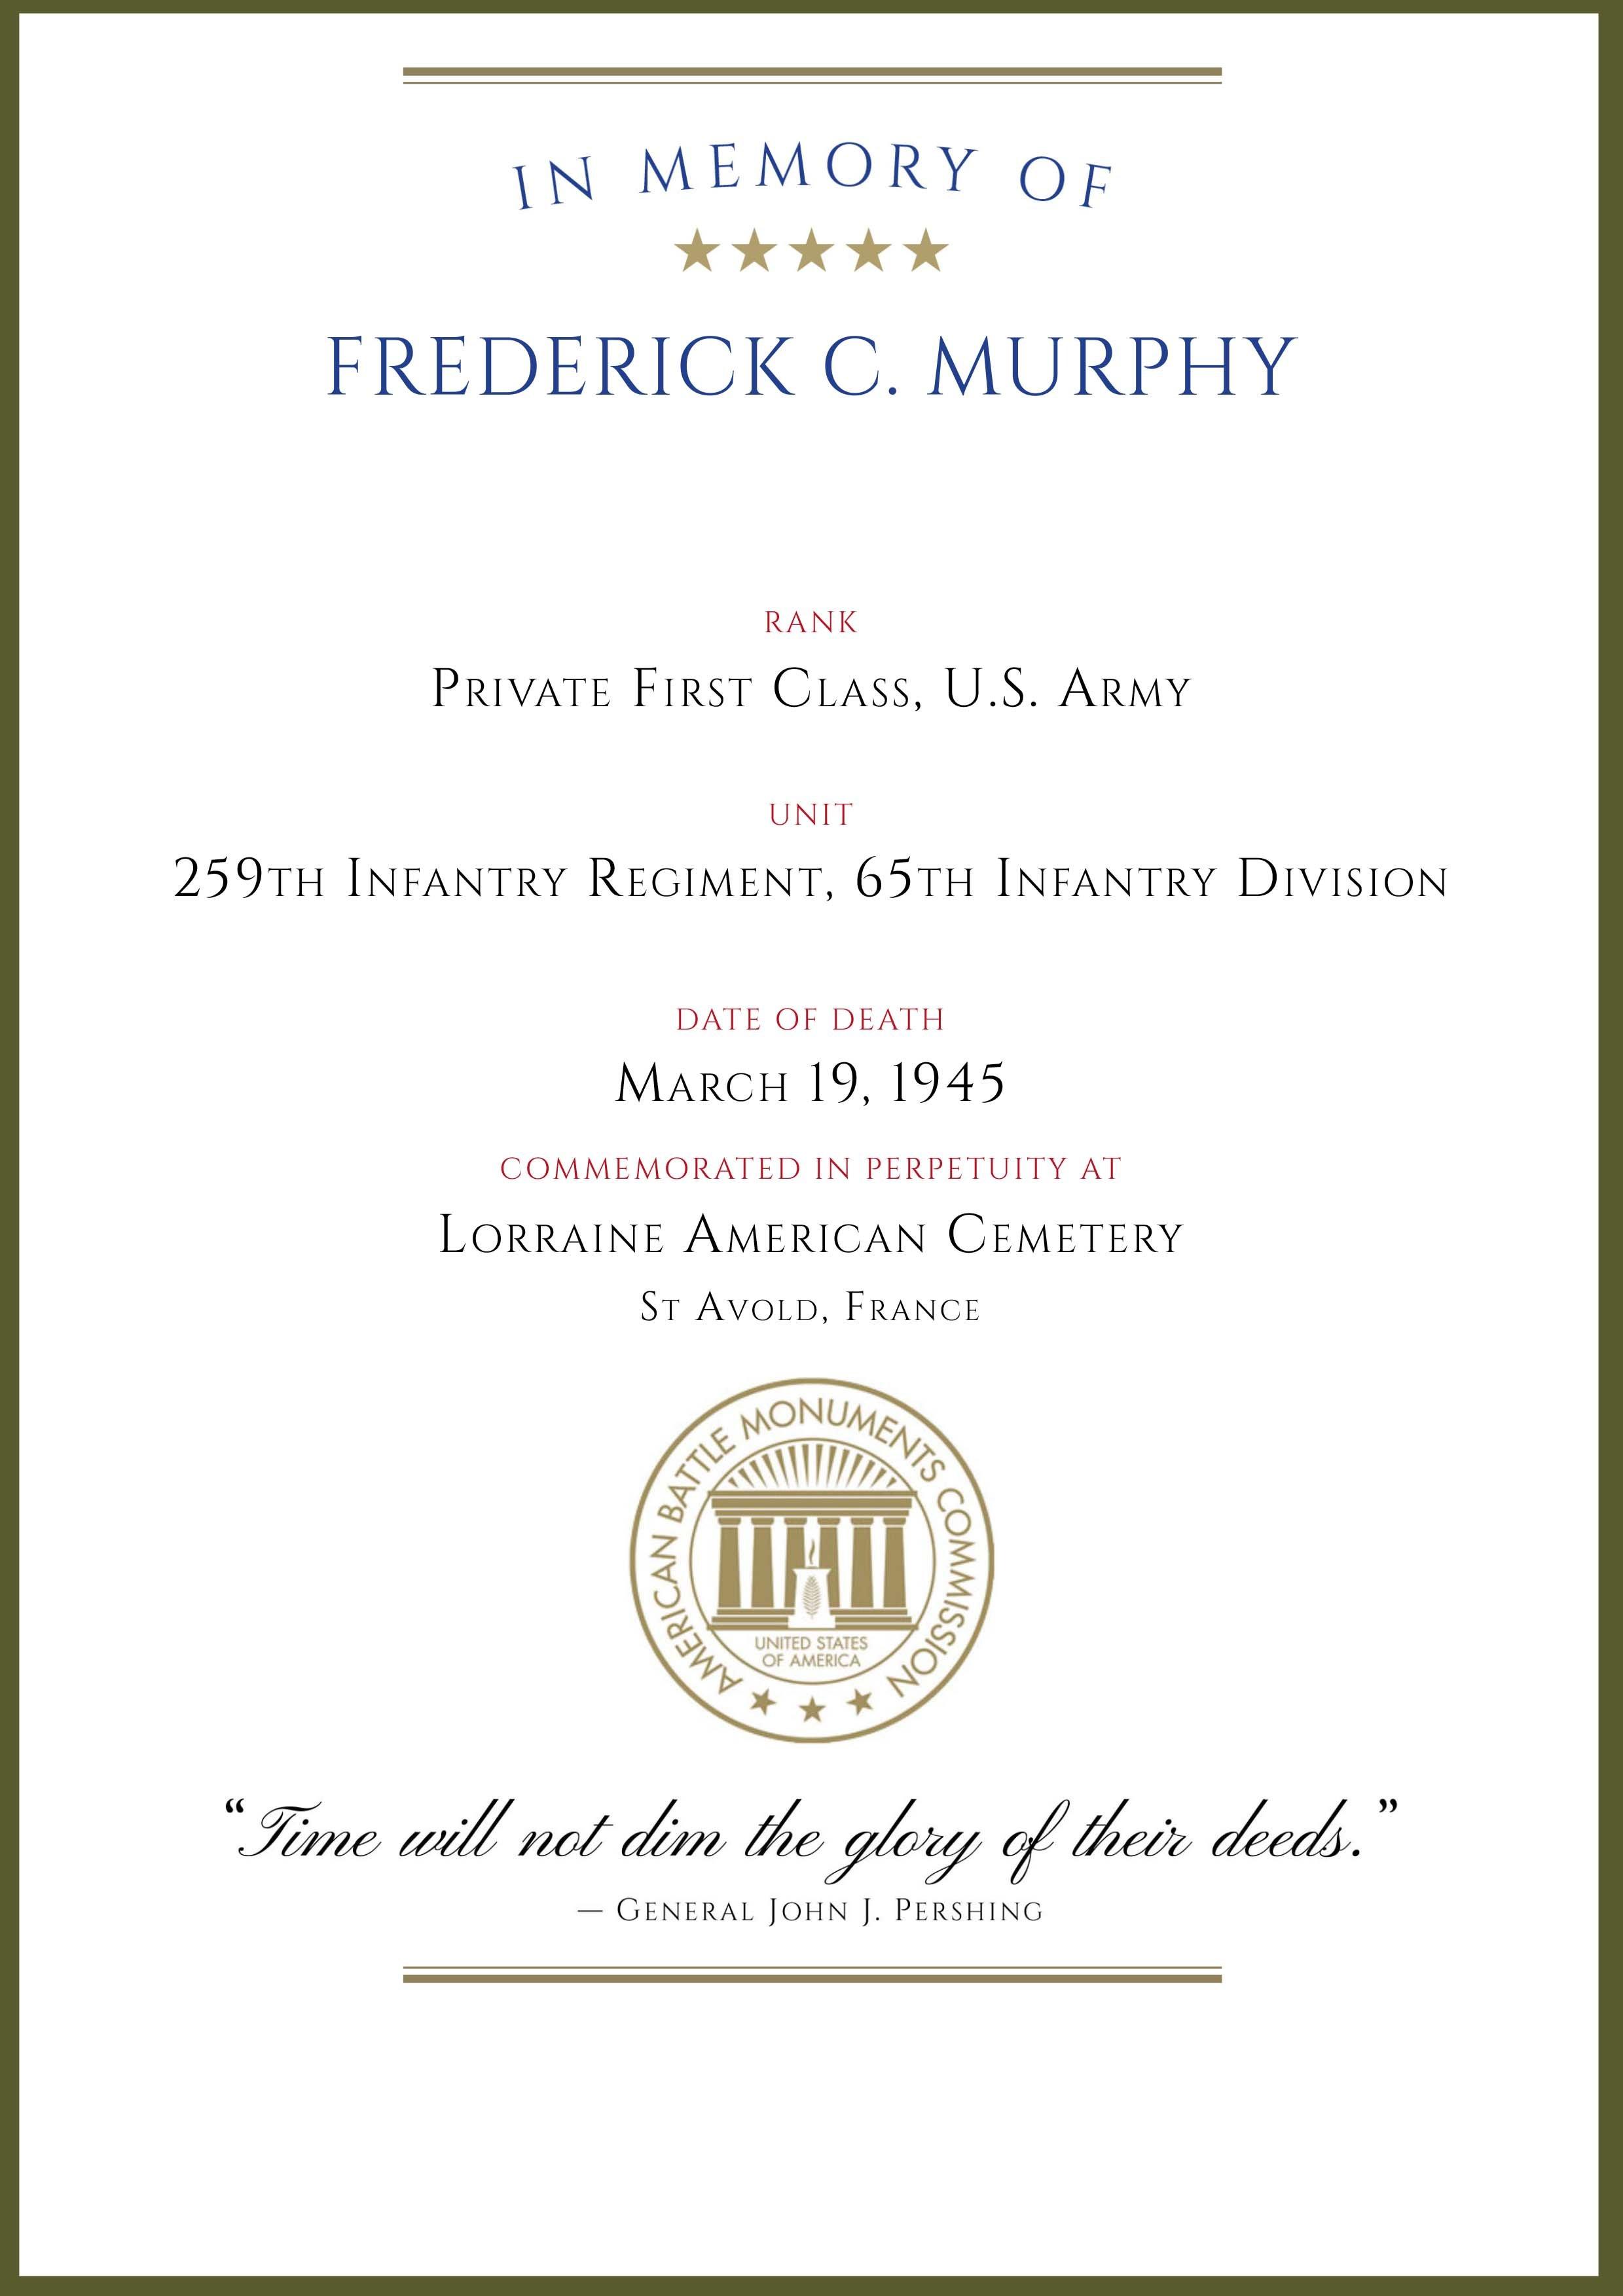 ABMC War Dead Certificate Frederick C Murphy-1